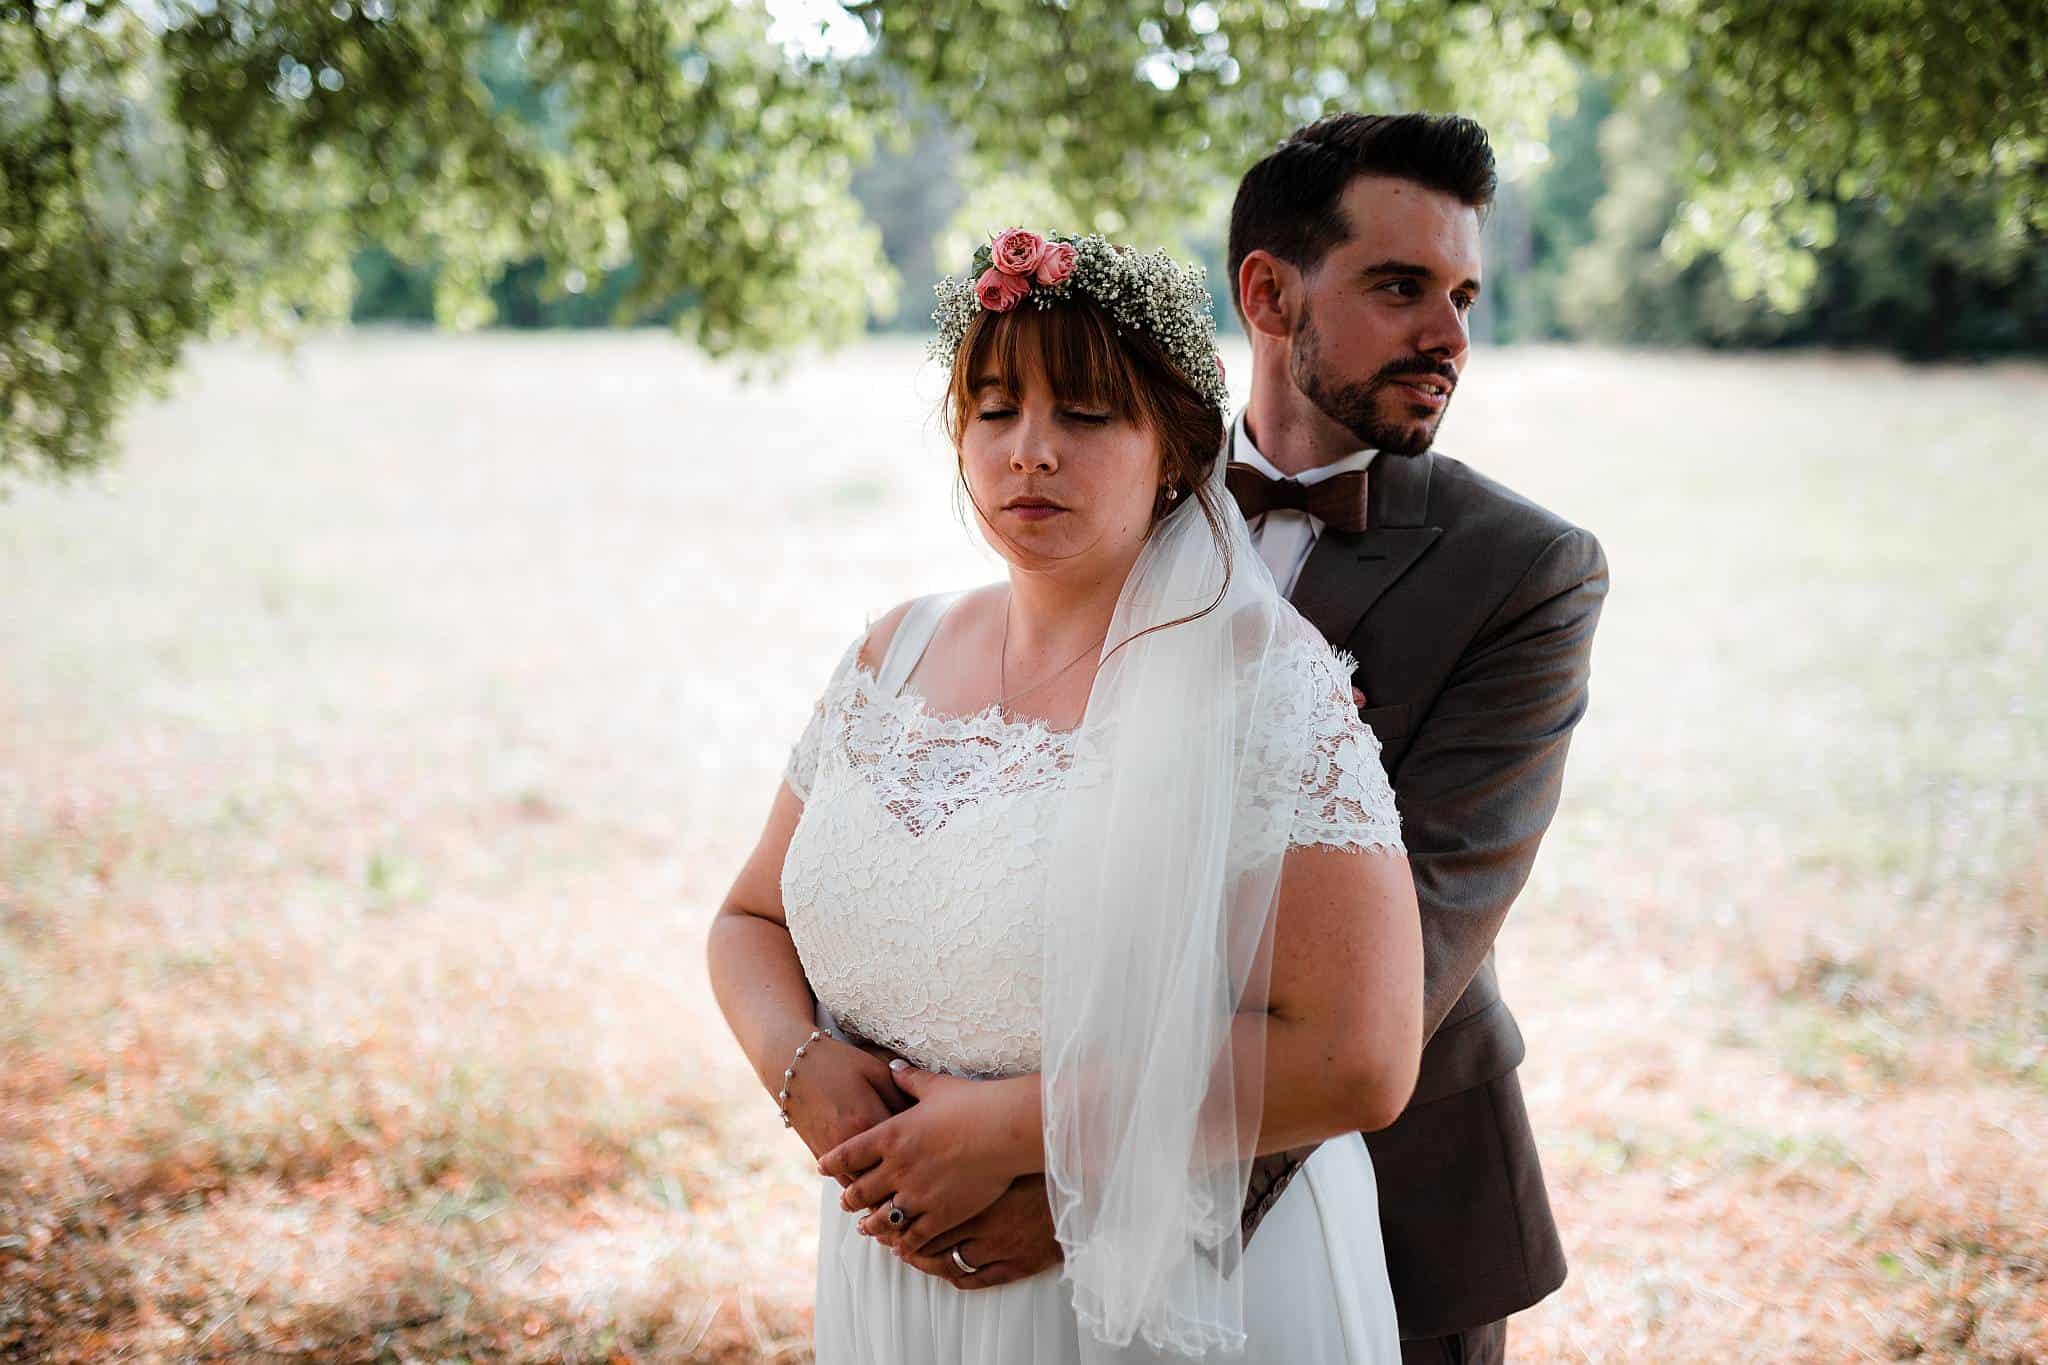 Hochzeitsfotografen Worms